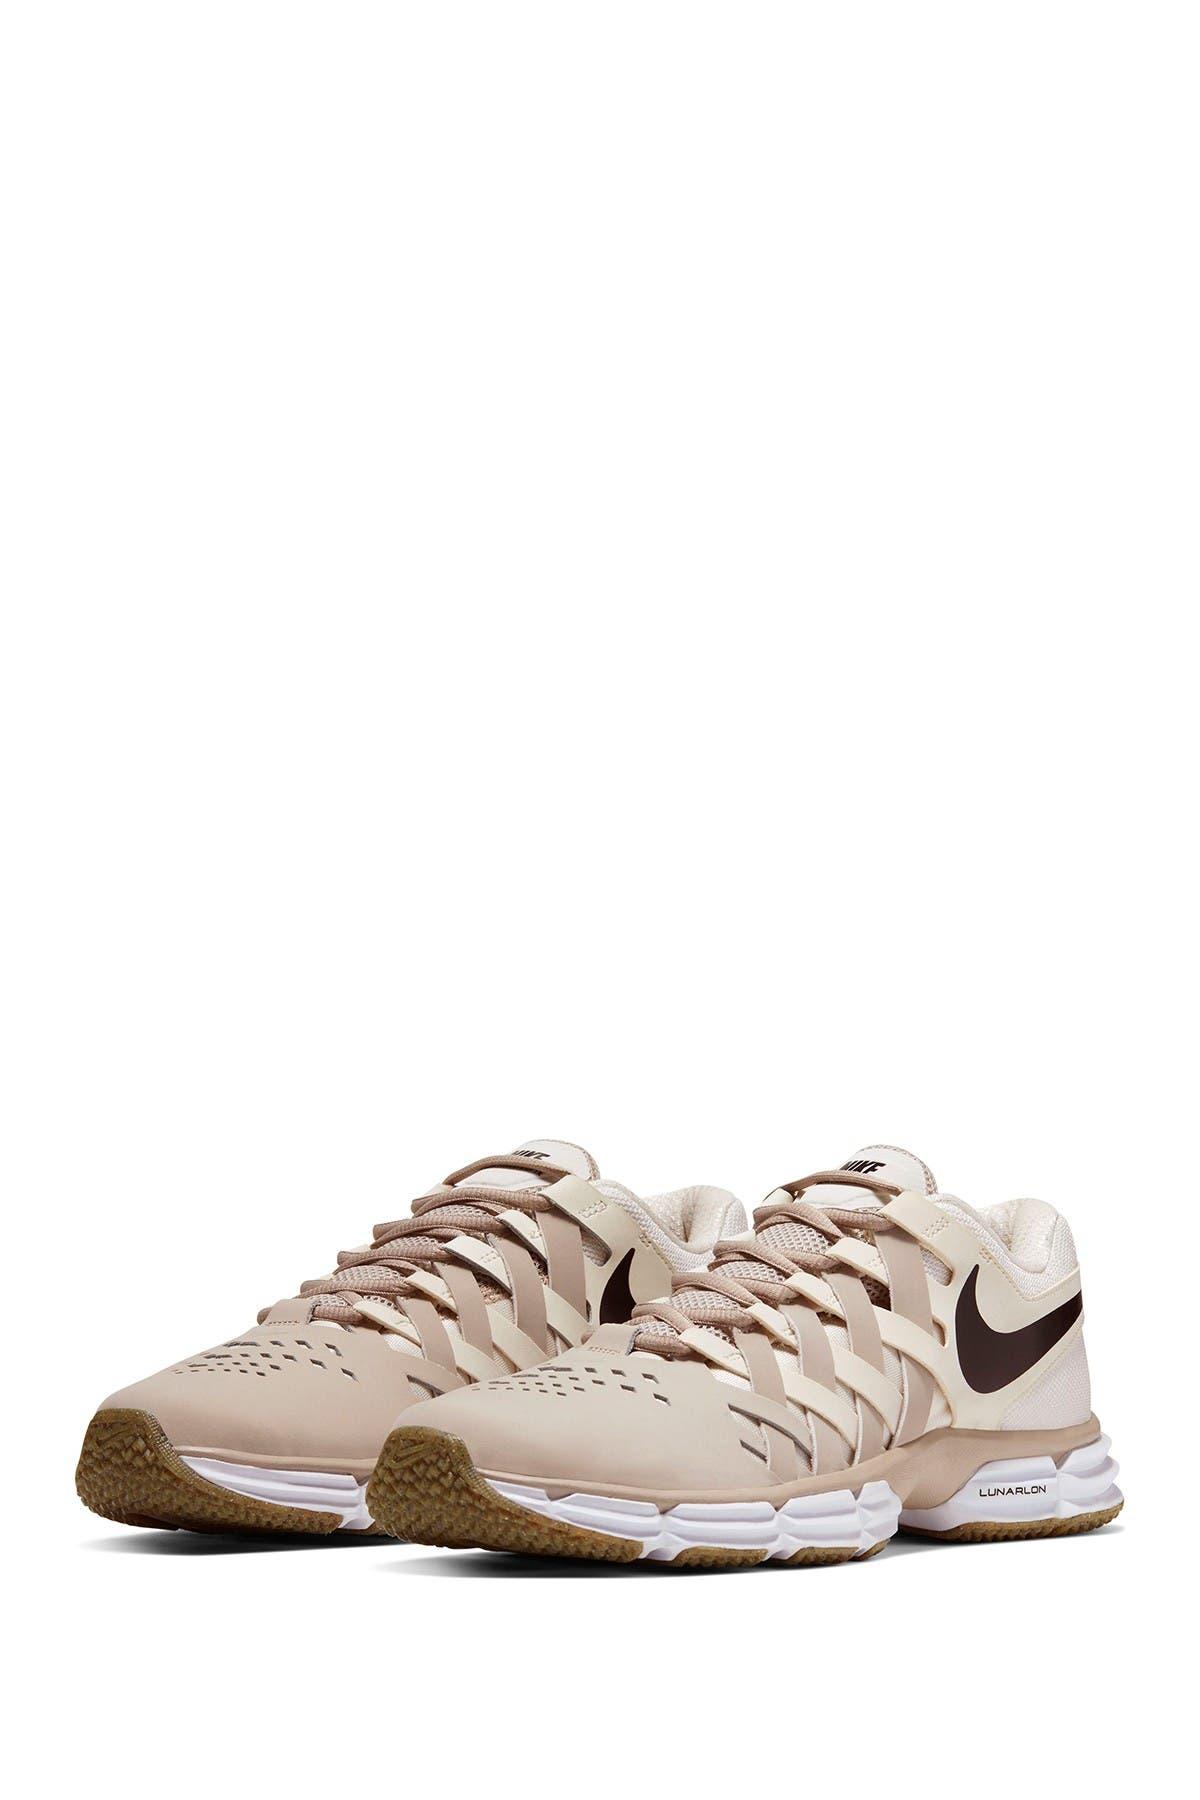 Nike | Lunar Fingertrap Sneaker